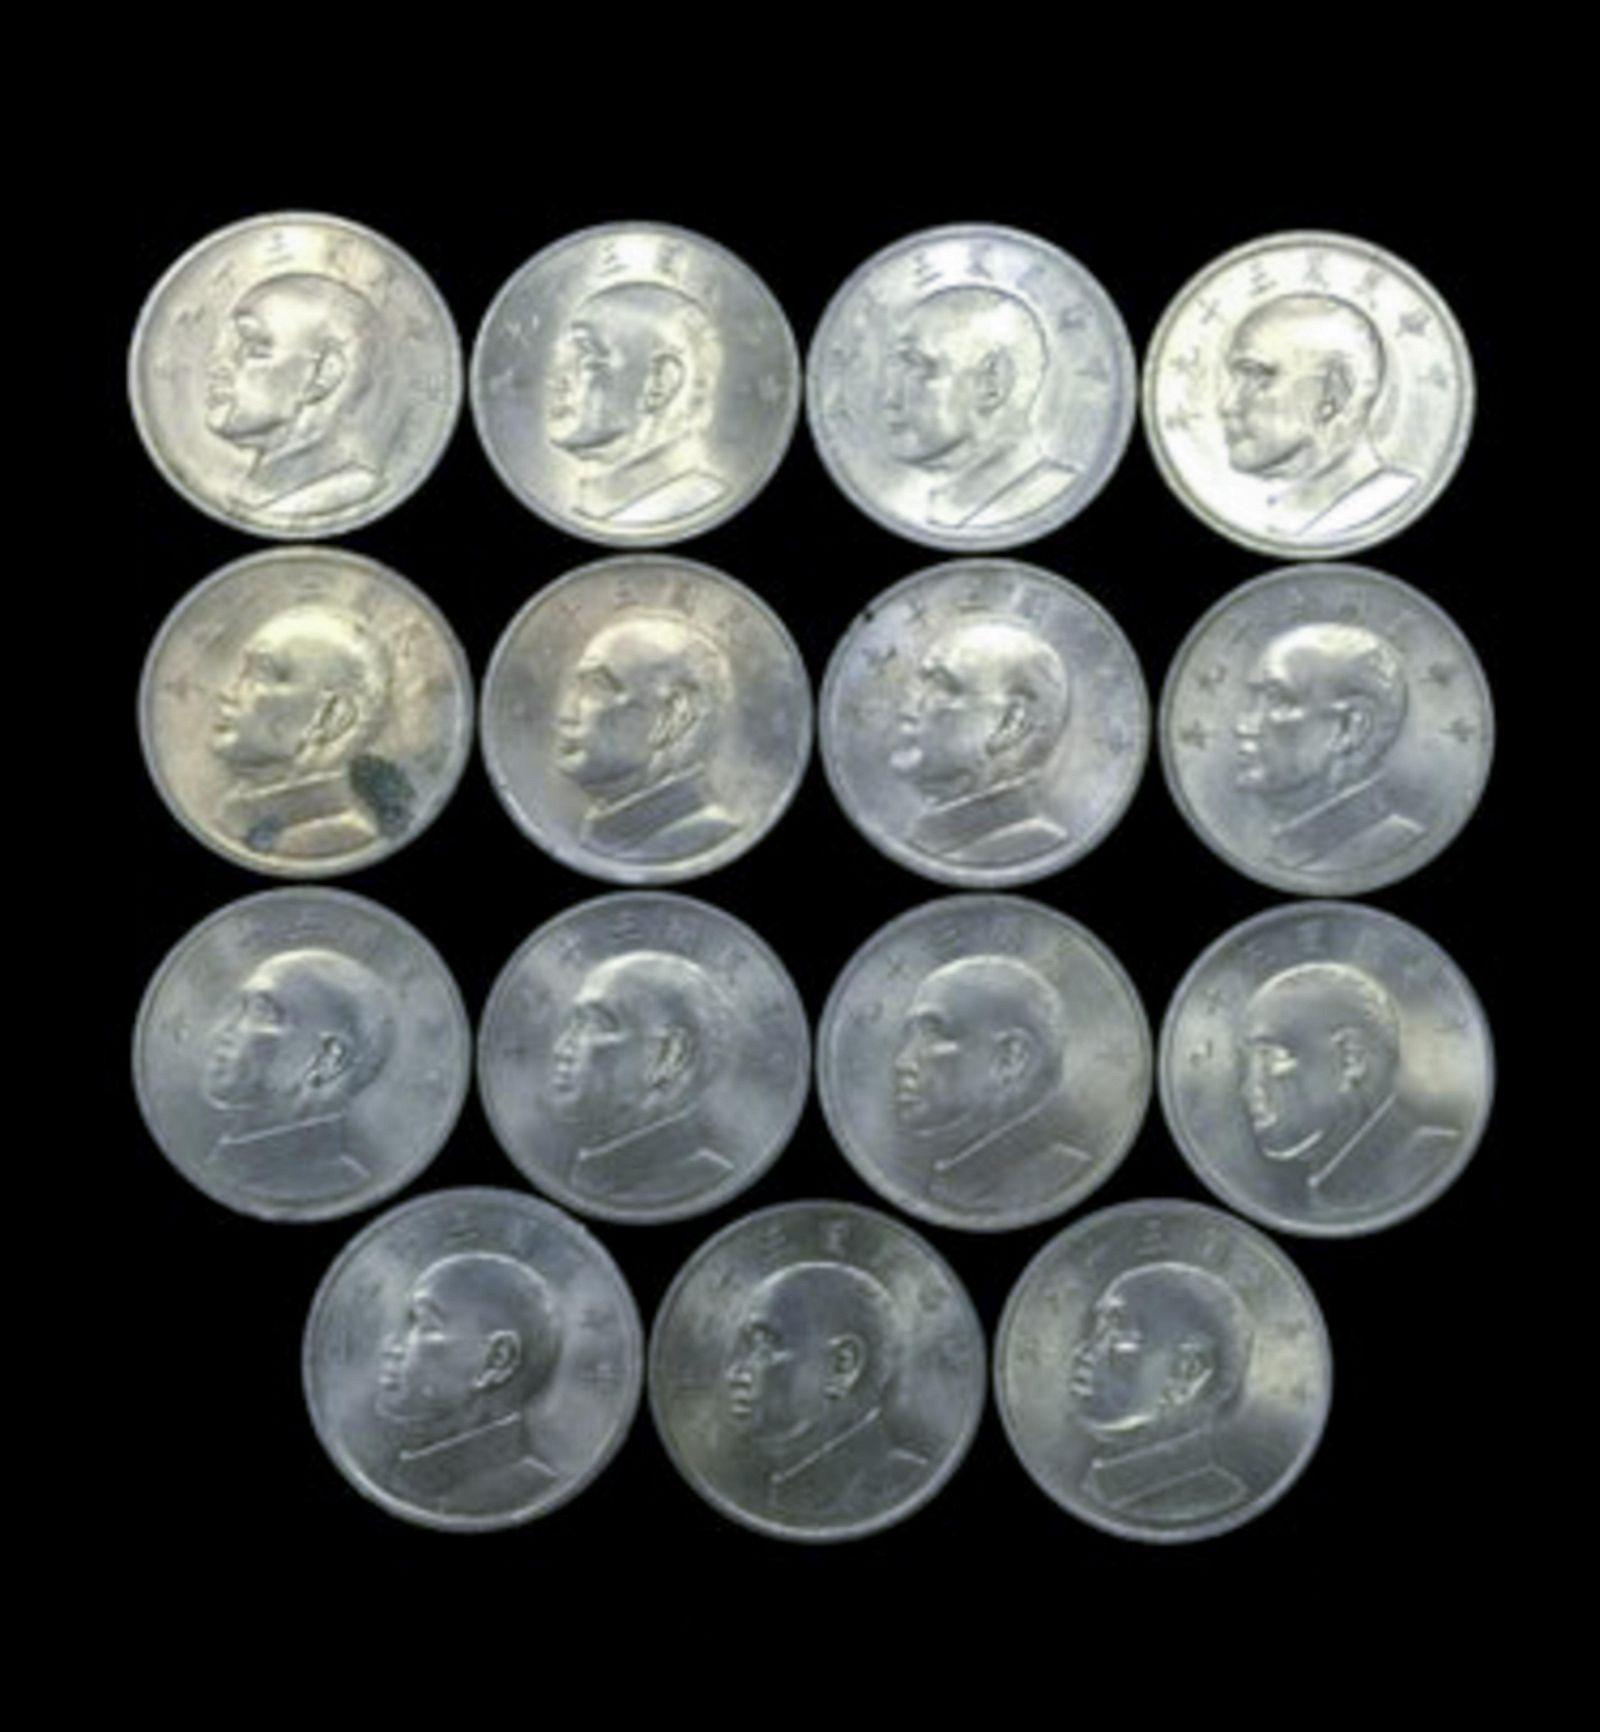 15 FIVE DOLLAR TAIWAN REPUBLIC 59 COINS